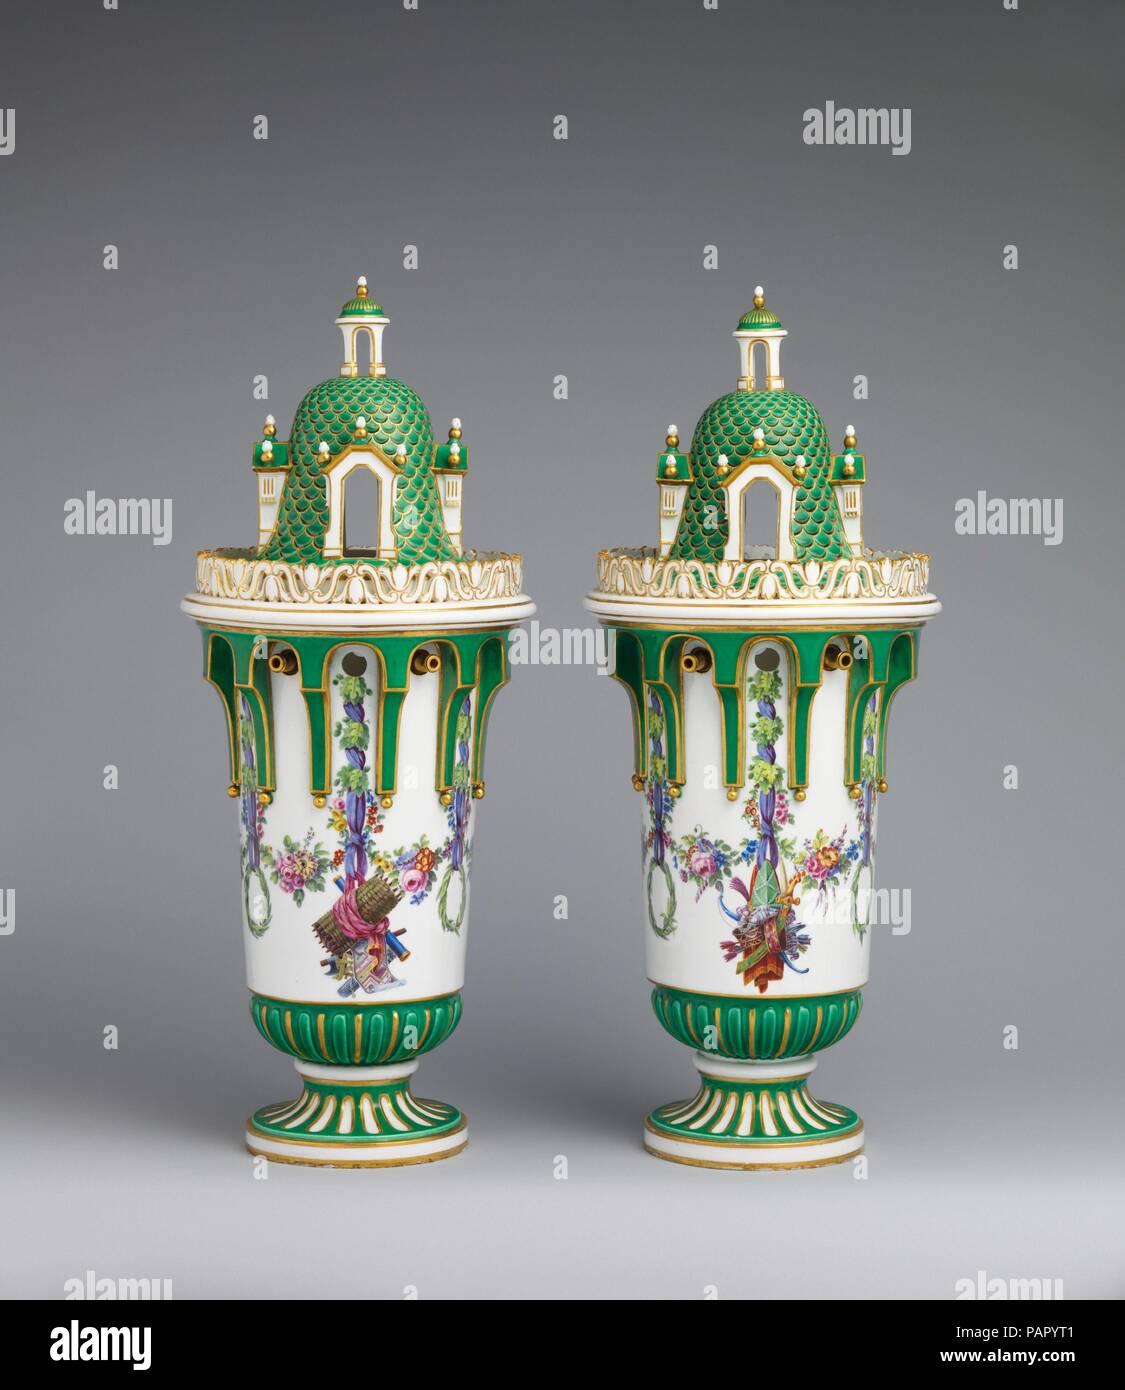 """Jarrón con tapa (Vase en tour) (uno de una pareja). Cultura: francés, Sèvres. Dimensiones: Total (confirmado): H. W. 8 20 3/16 x 5/16 x D. 8 5/16 in. (51,3 x 21,1 x 21,1 cm); Ht. en bronce dorado base: 22 1/2"""". (57,2 cm); Diam. 7 3/4"""". Fábrica: Manufactura de Sèvres (Francia, 1740). Fecha: ca. 1763. Debido al carácter funcional de los servicios realizados para comer o para tomar el té, los modelos de estos útiles mercancías cambian con poca frecuencia en la ciudad de Sèvres. Además, no era factible desde un punto de vista económico constantemente para inventar nuevas formas para todos los componentes de estos servicios. Sin embargo, para decorati Foto de stock"""